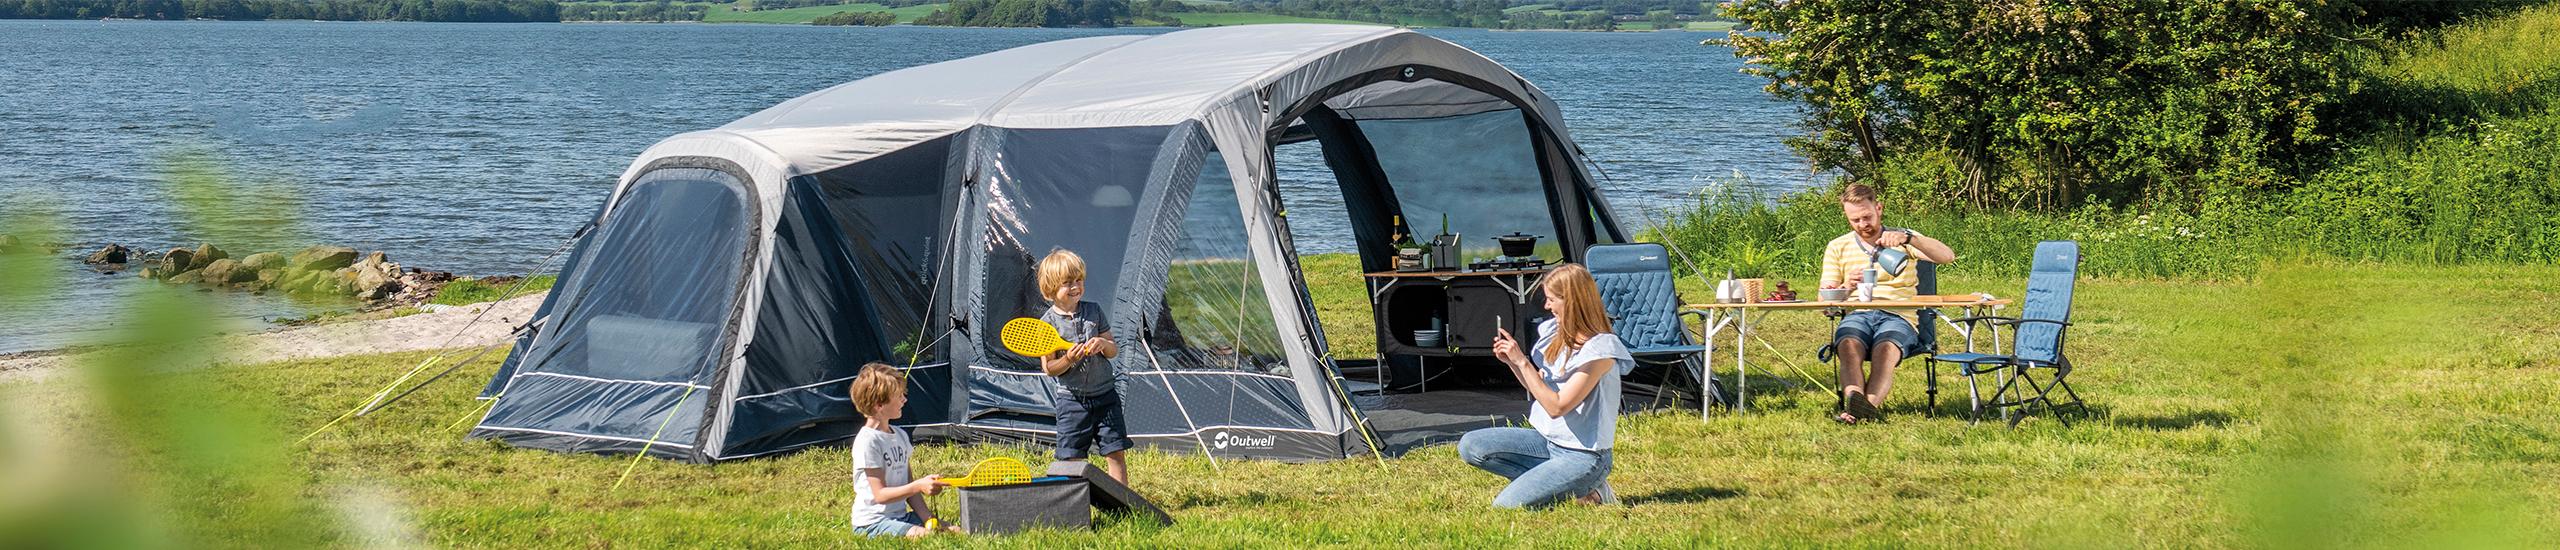 Outwell Shop | Camping & Outdoor Ausrüstung |